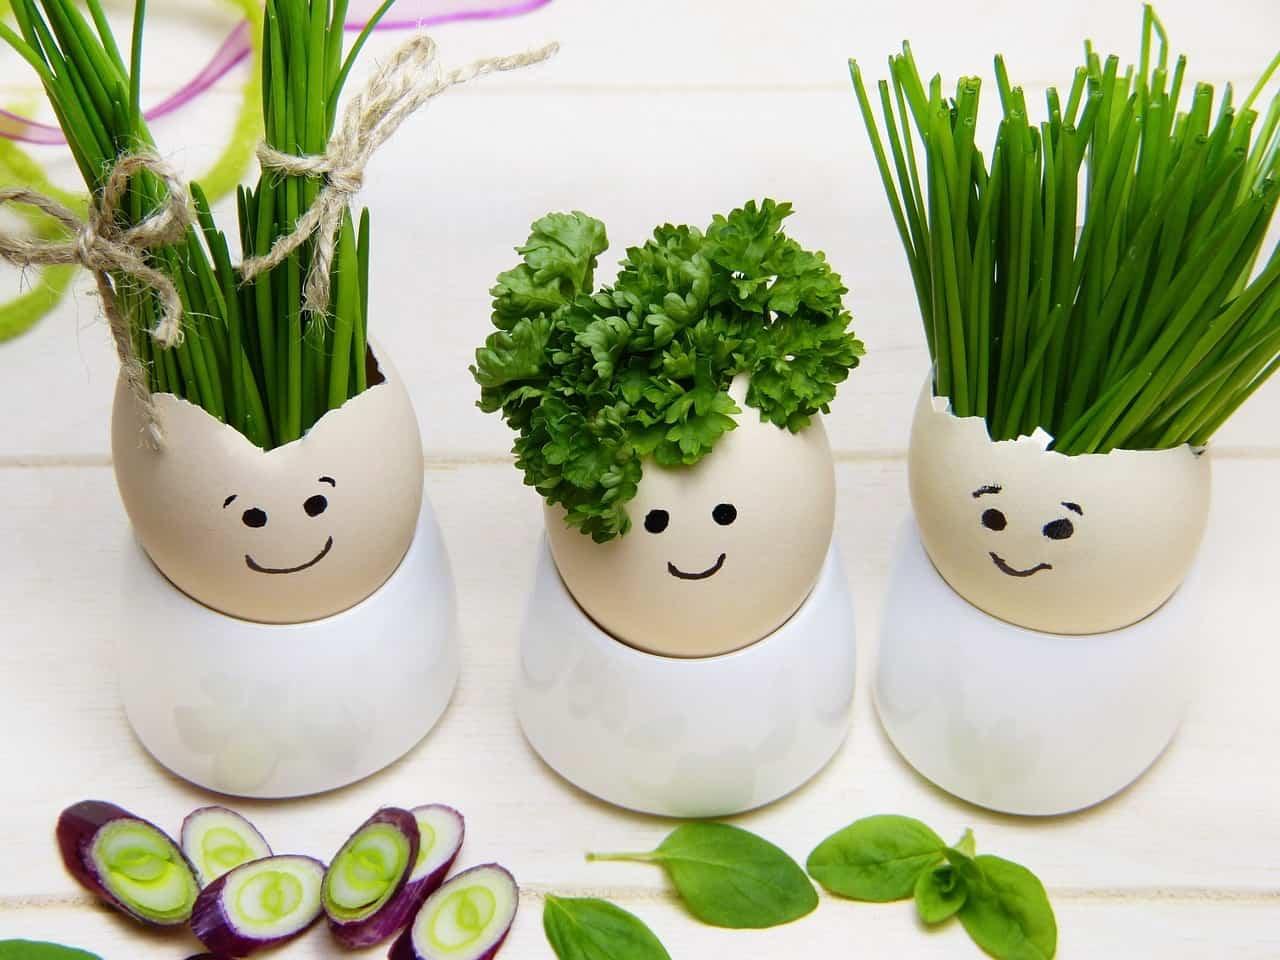 Pranzo di Pasqua 2019 vegetariano, il menu completo